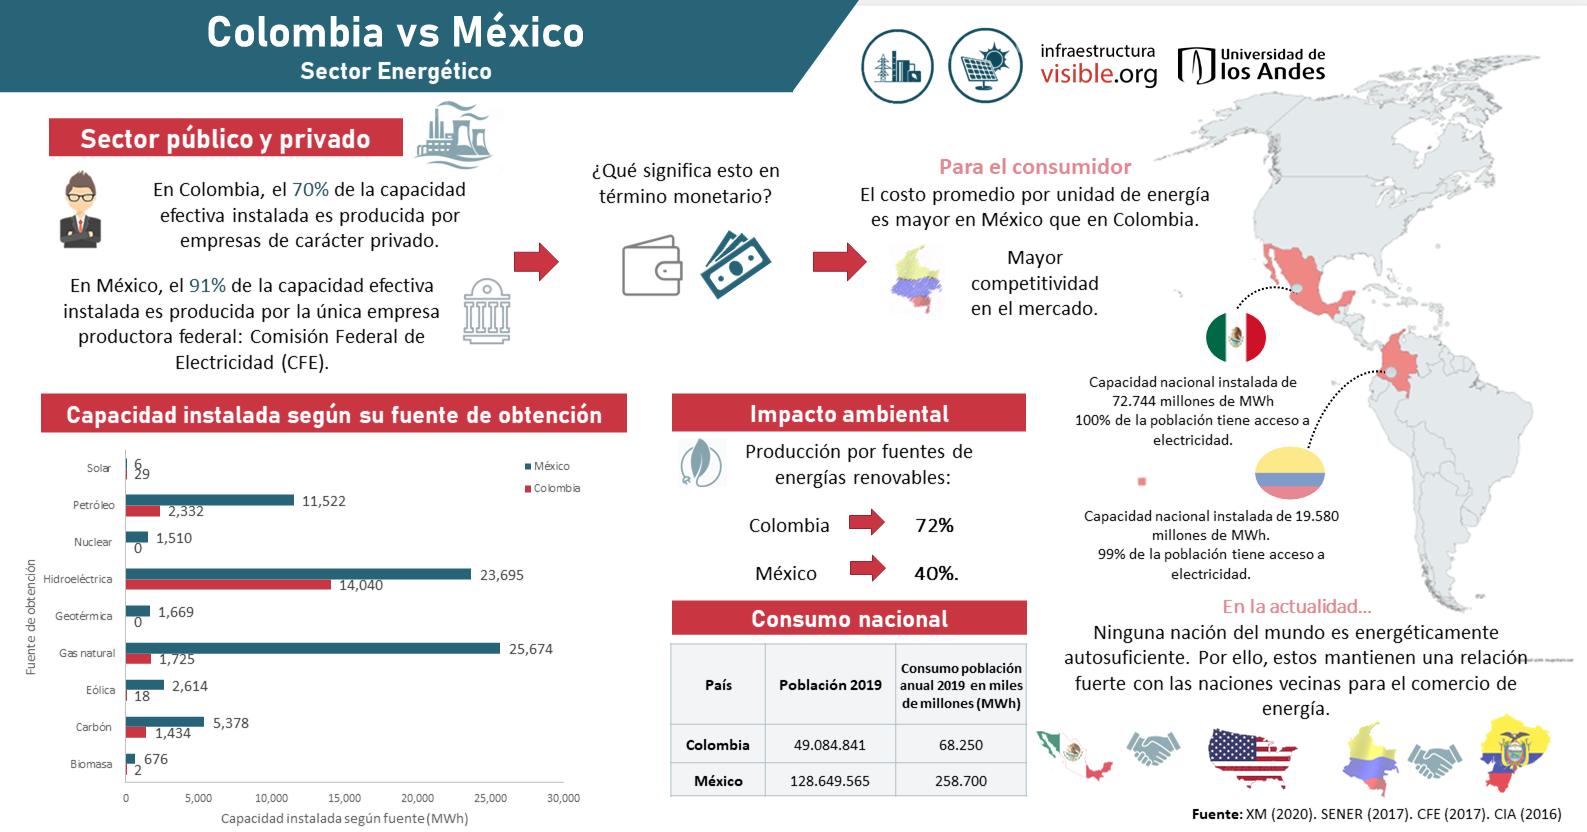 Colombia vs México en el Sector Energético